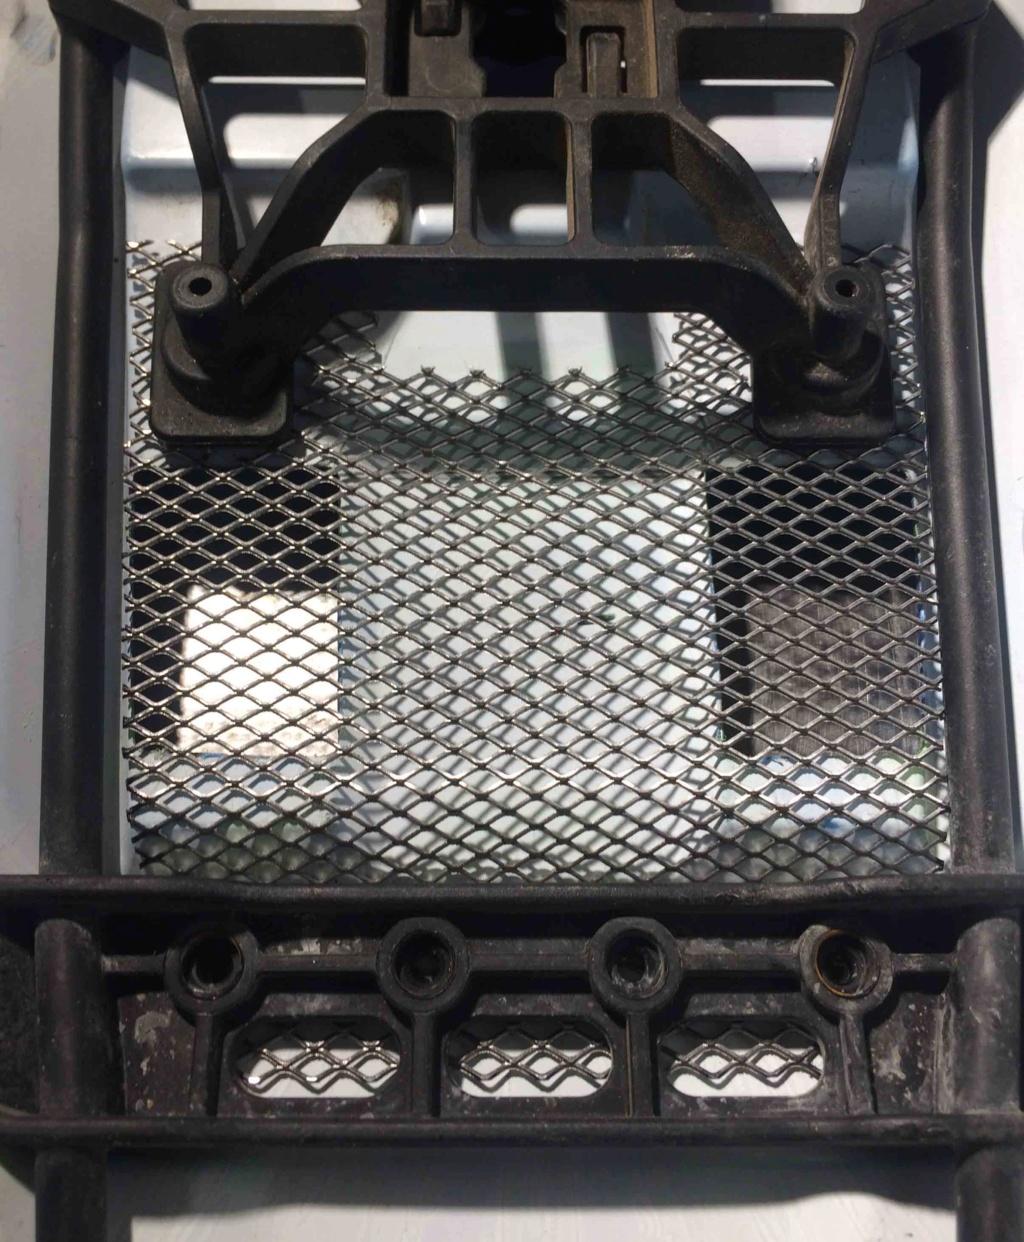 [E-Revo 2.0 6S] Chauffe => Aération coque + grilles + dissipateur moteur Img_0517